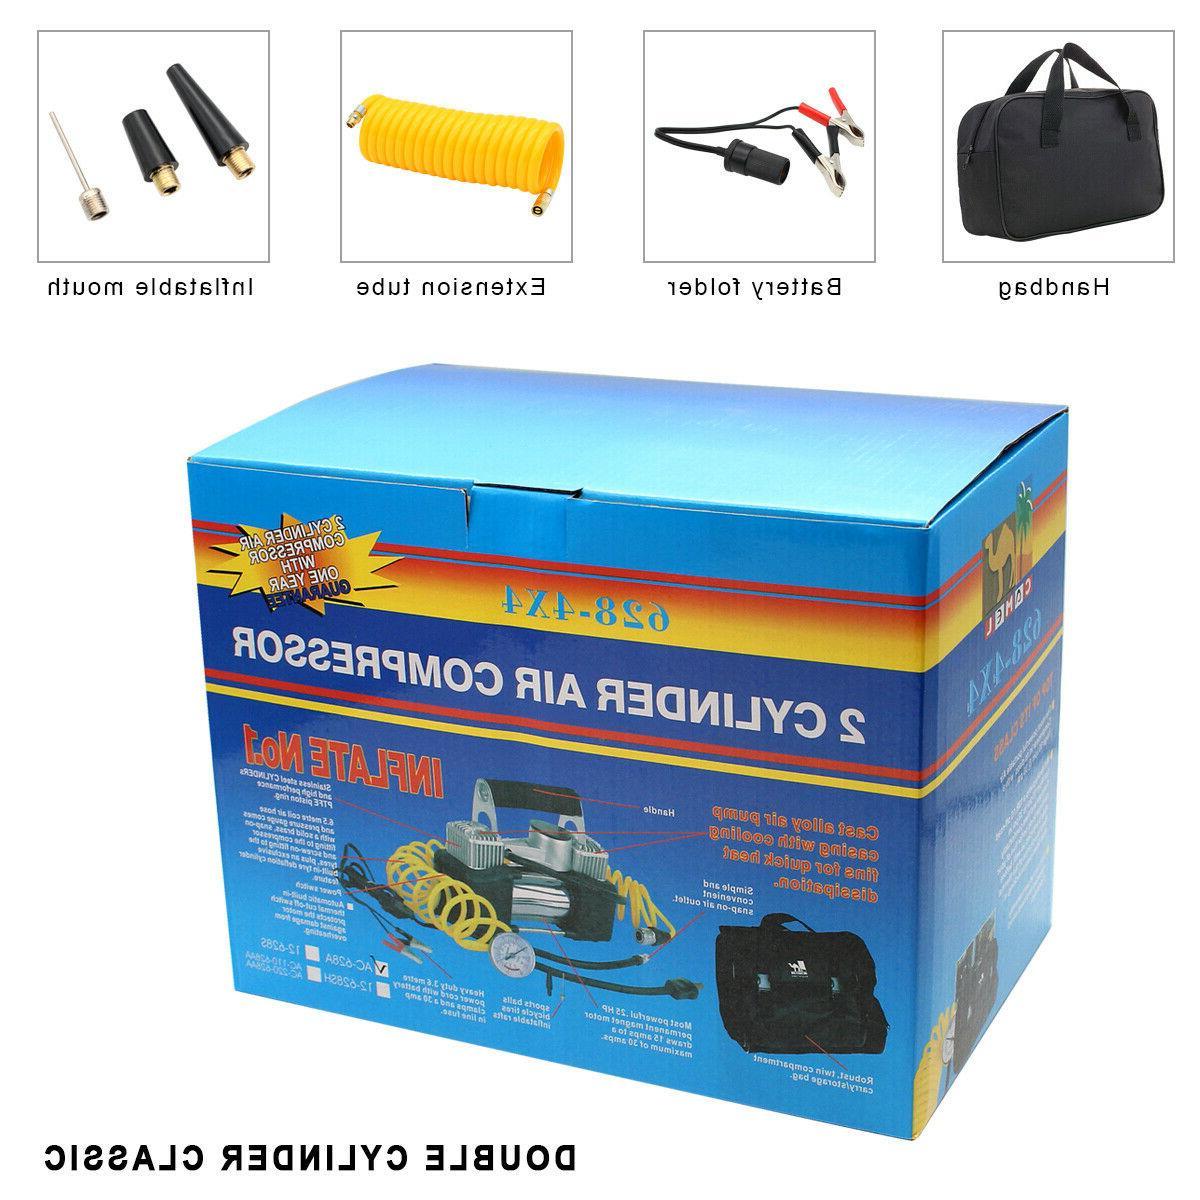 HEAVY Portable Compressor Pump Inflator